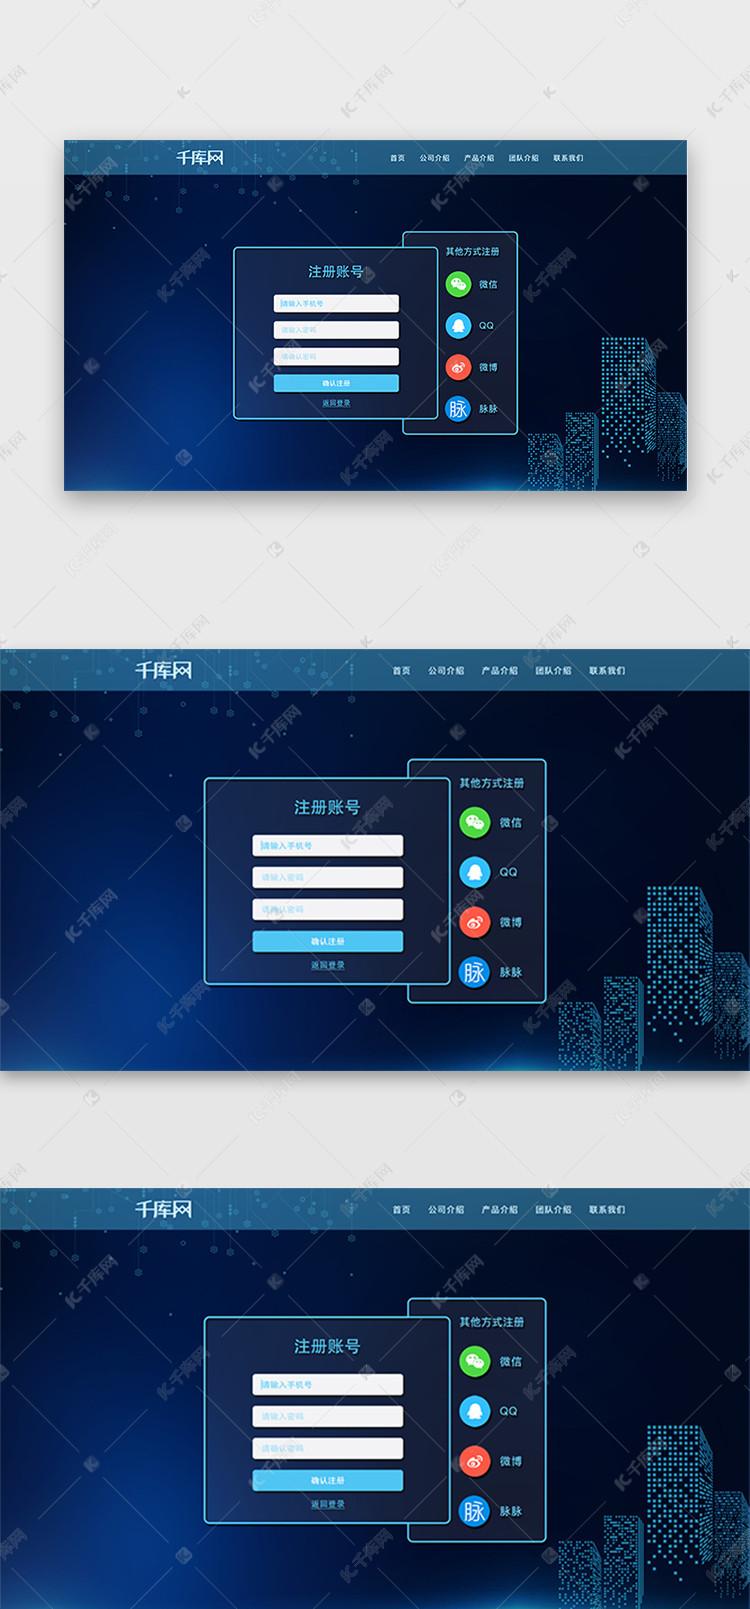 深蓝色简约居室页面注册网页ui设计素材小科技装修设计样式图片